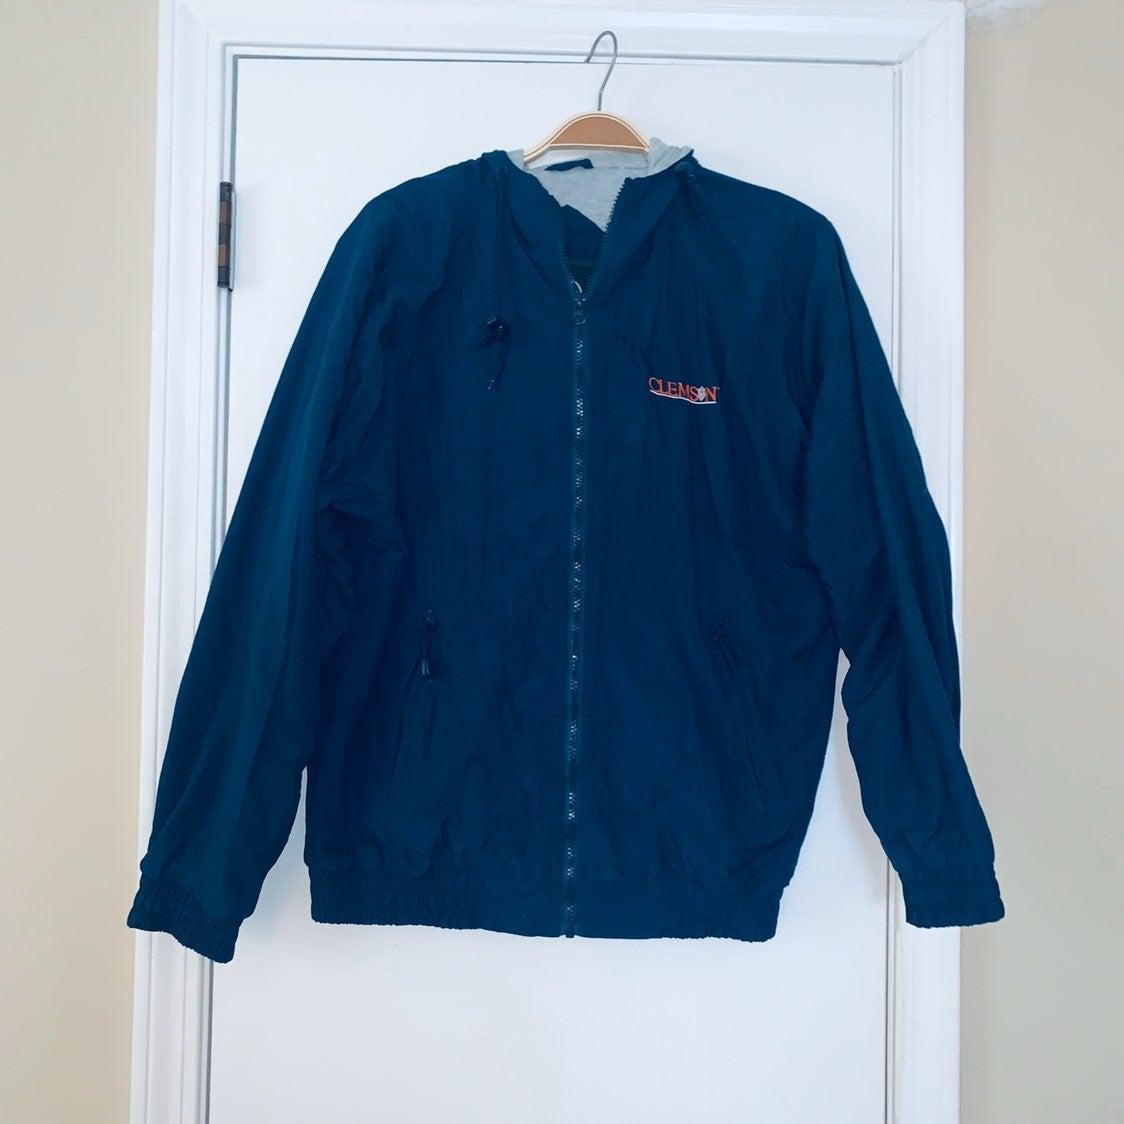 Clemson weatherproof jacket